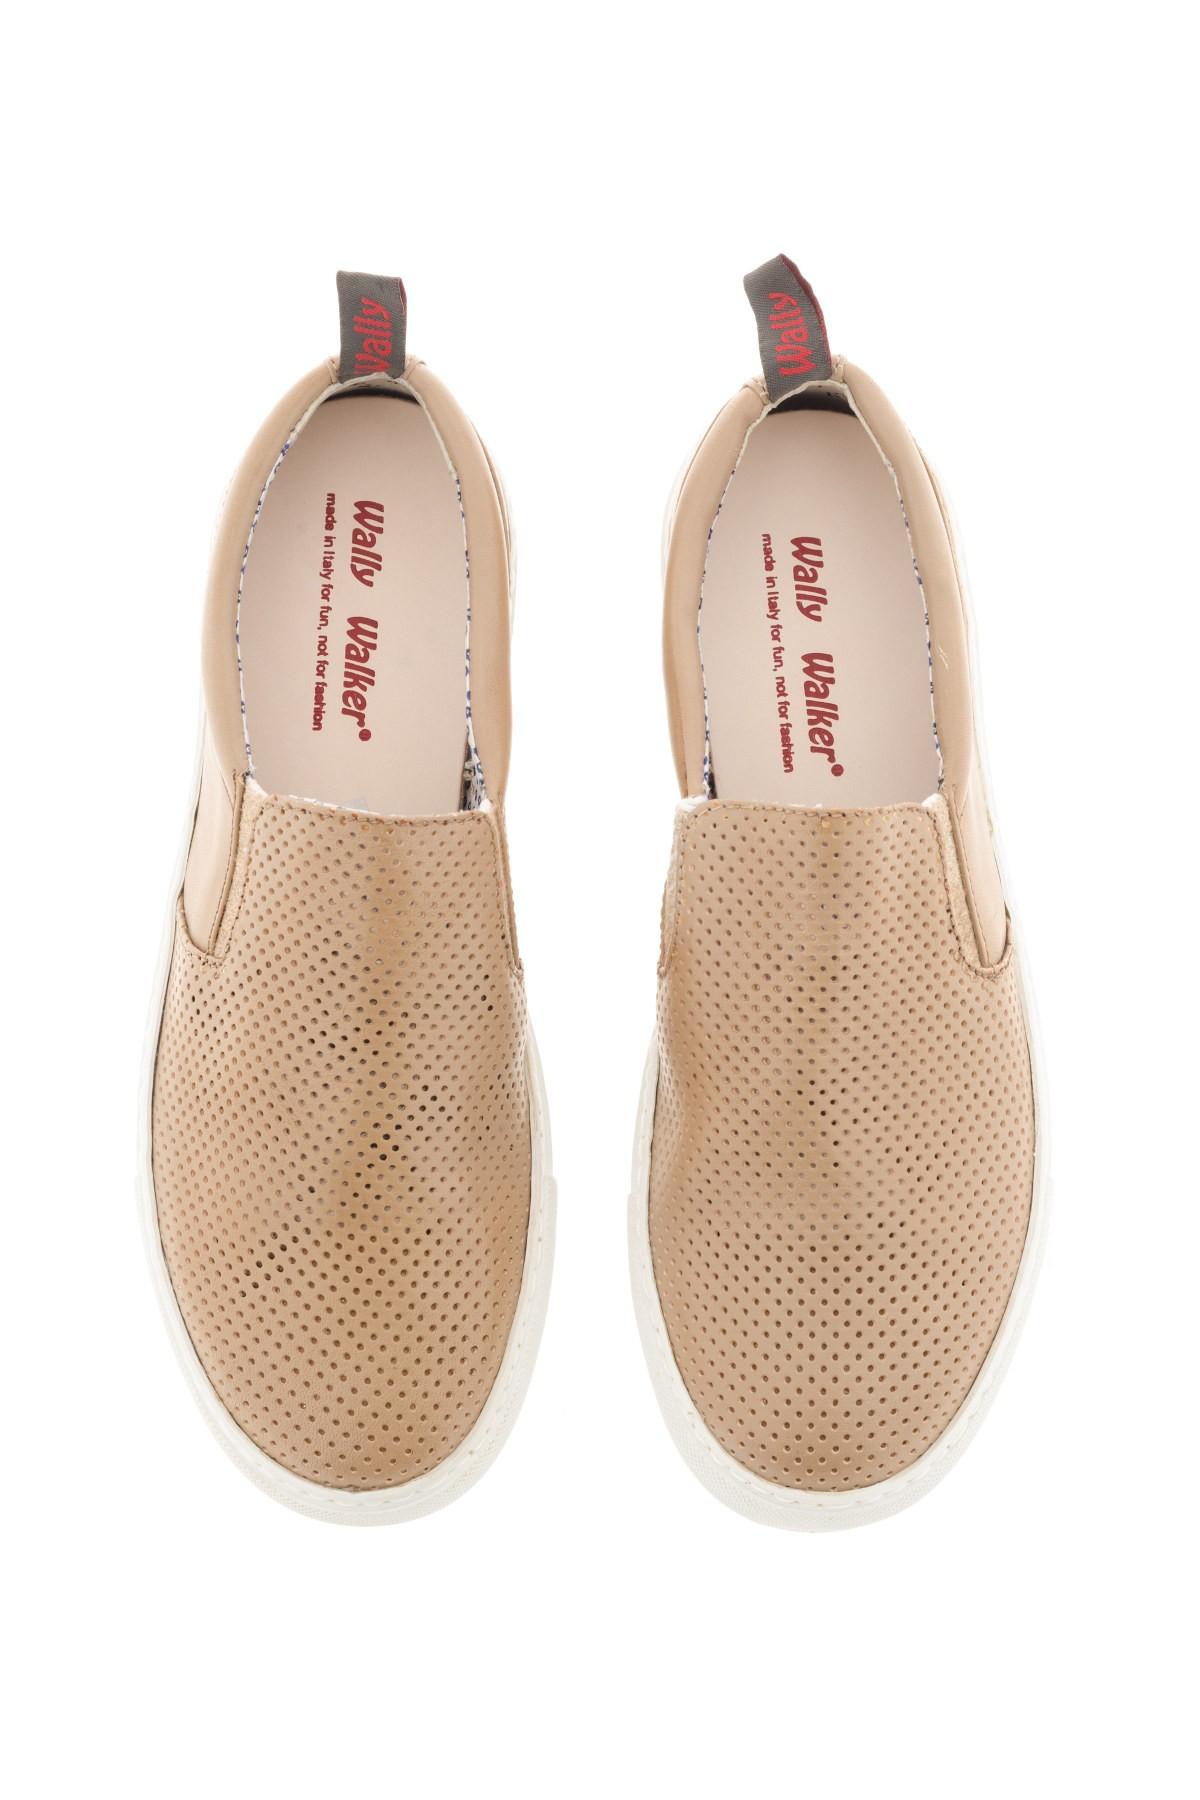 Beige shoes for men WALLY WALKER S/S 16